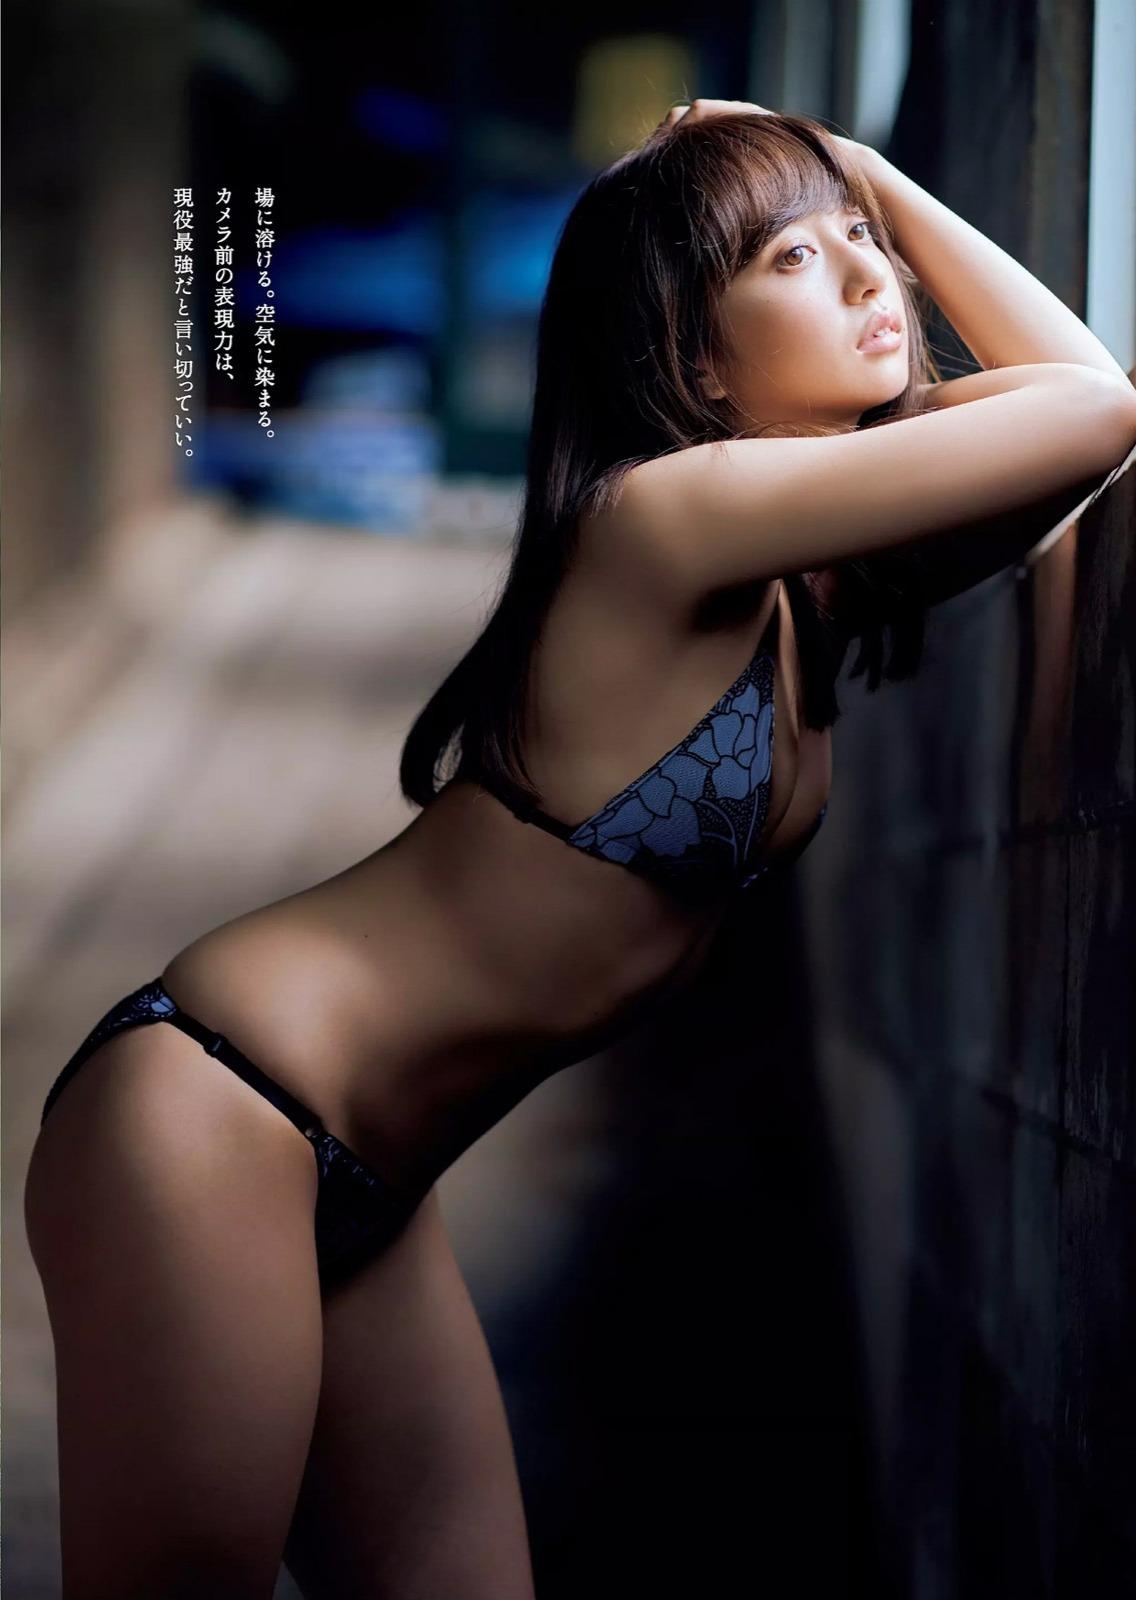 Arisa Komiya 小宮有紗, Weekly Playboy 2017 No.41 (週刊プレイボーイ 2017年41号)